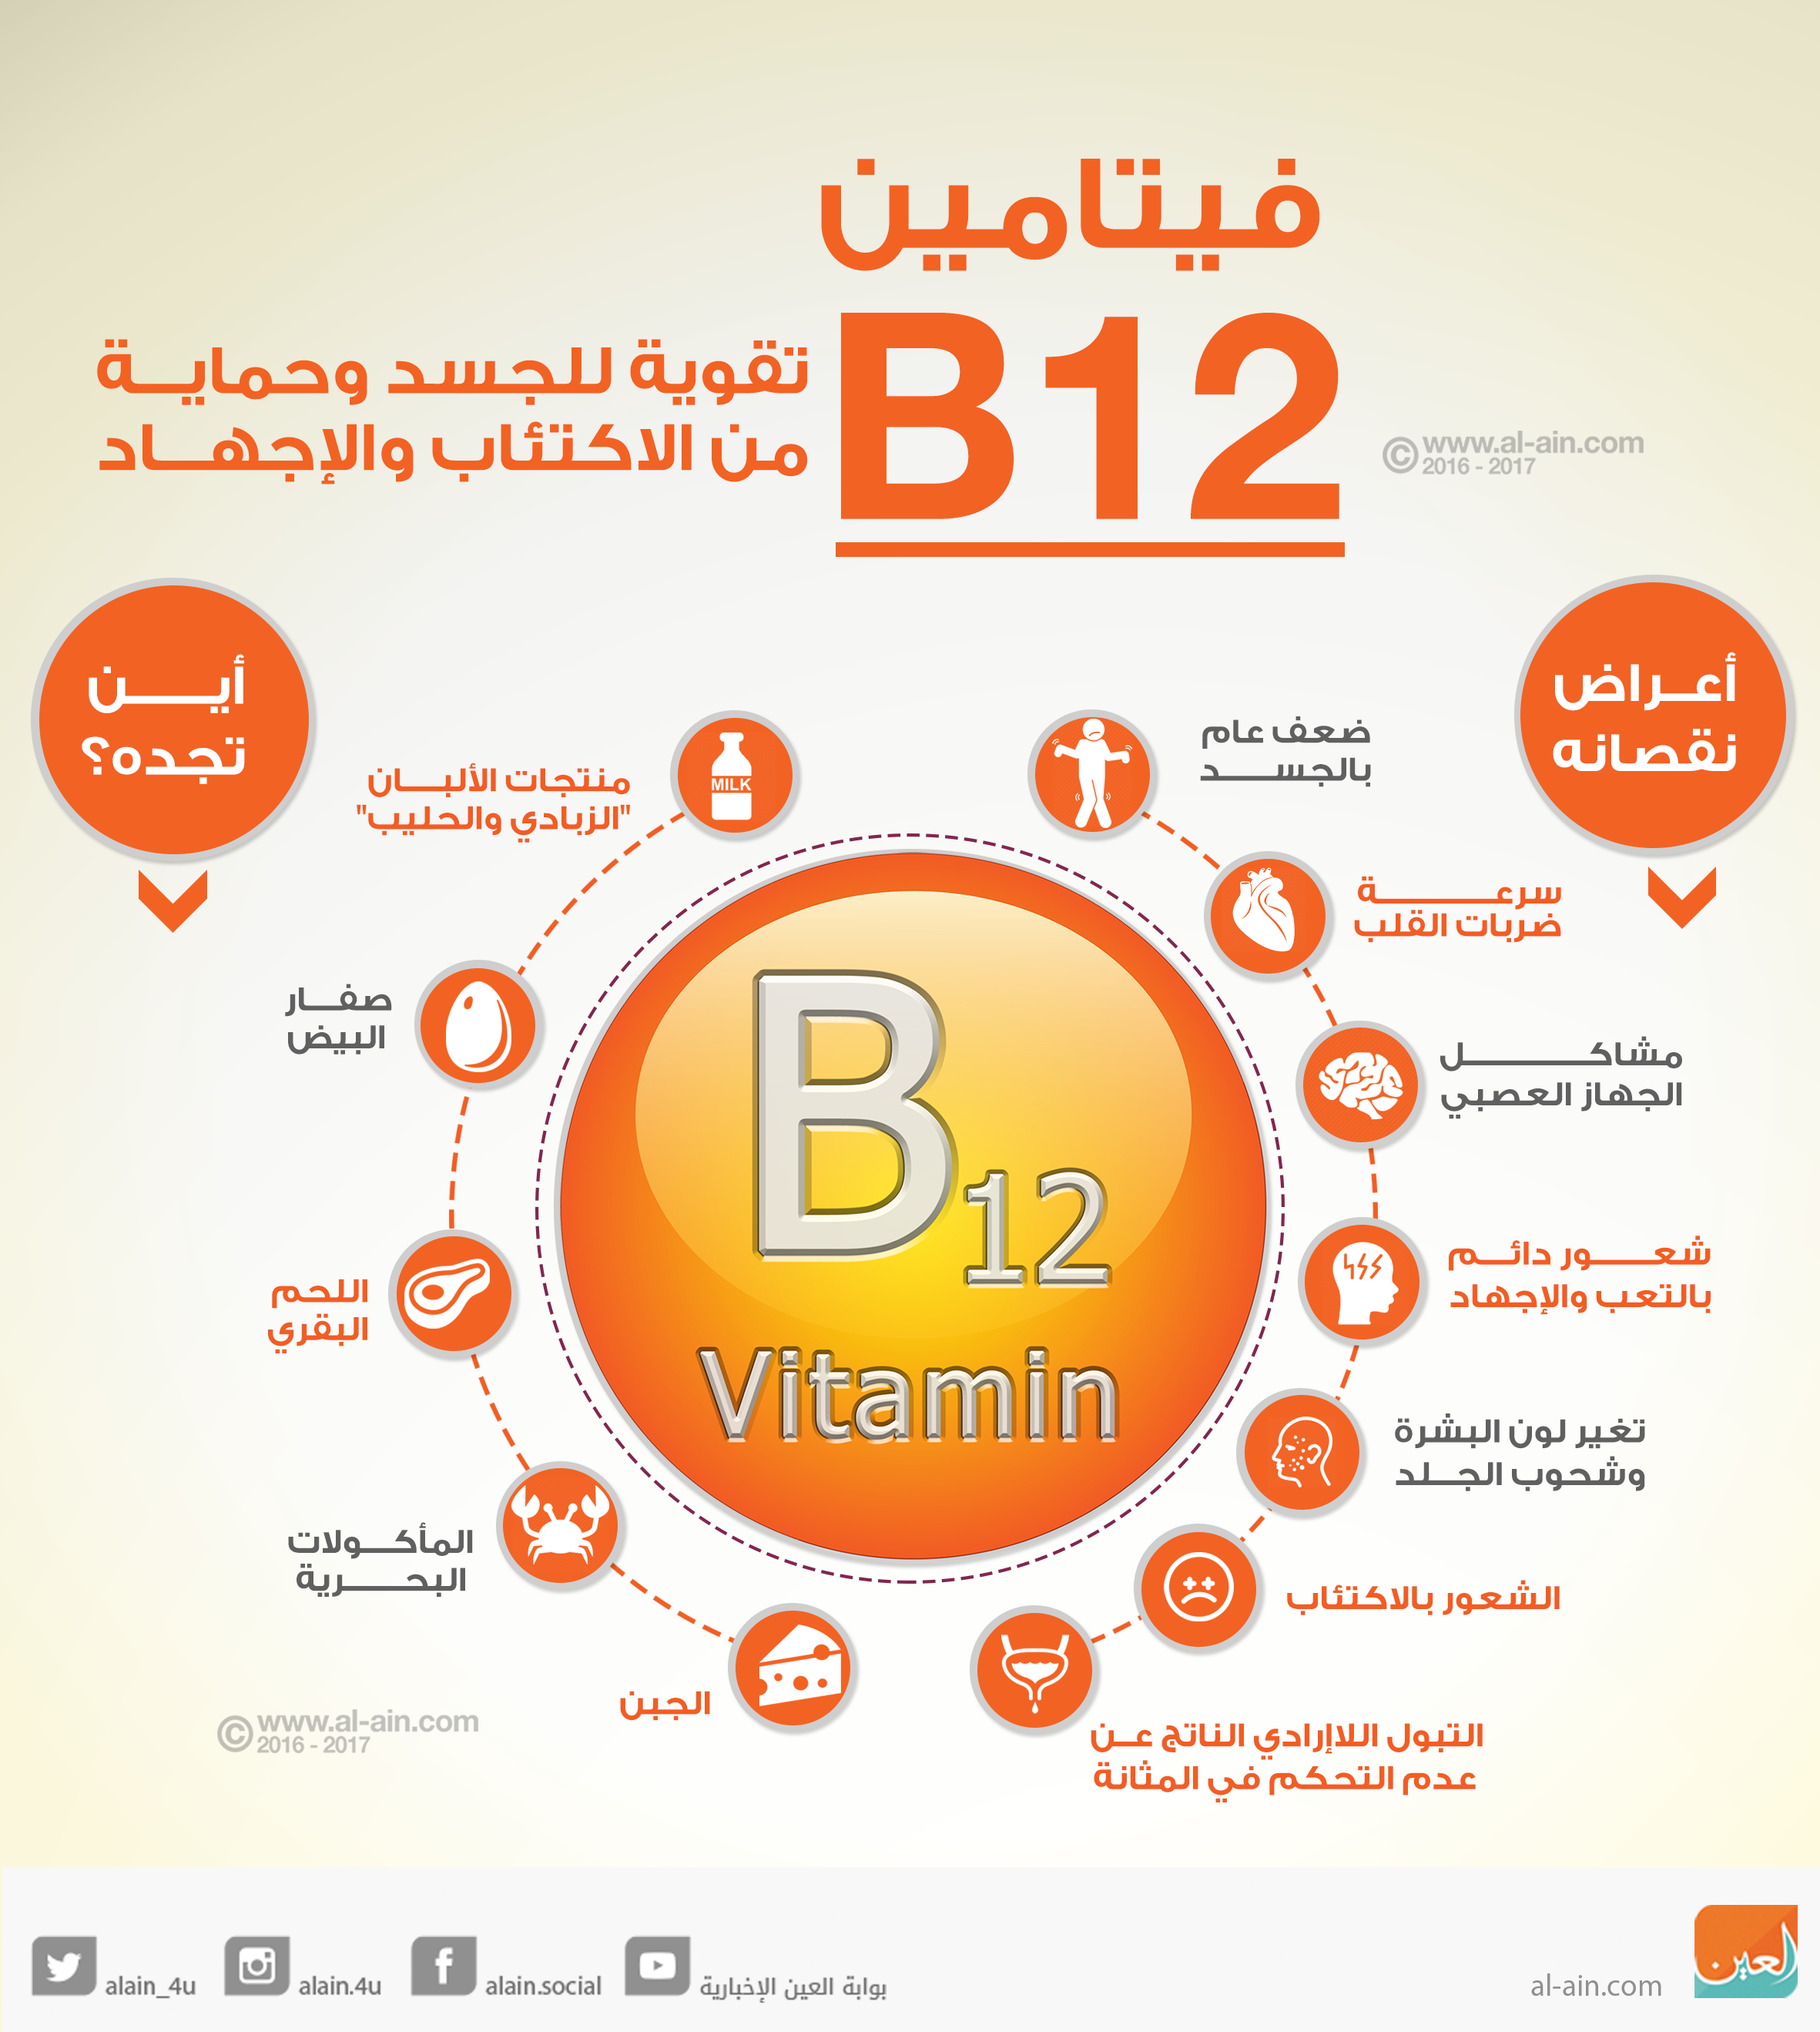 صورة فيتامين b12 , فوائد واعراض نقص فيتامين b12